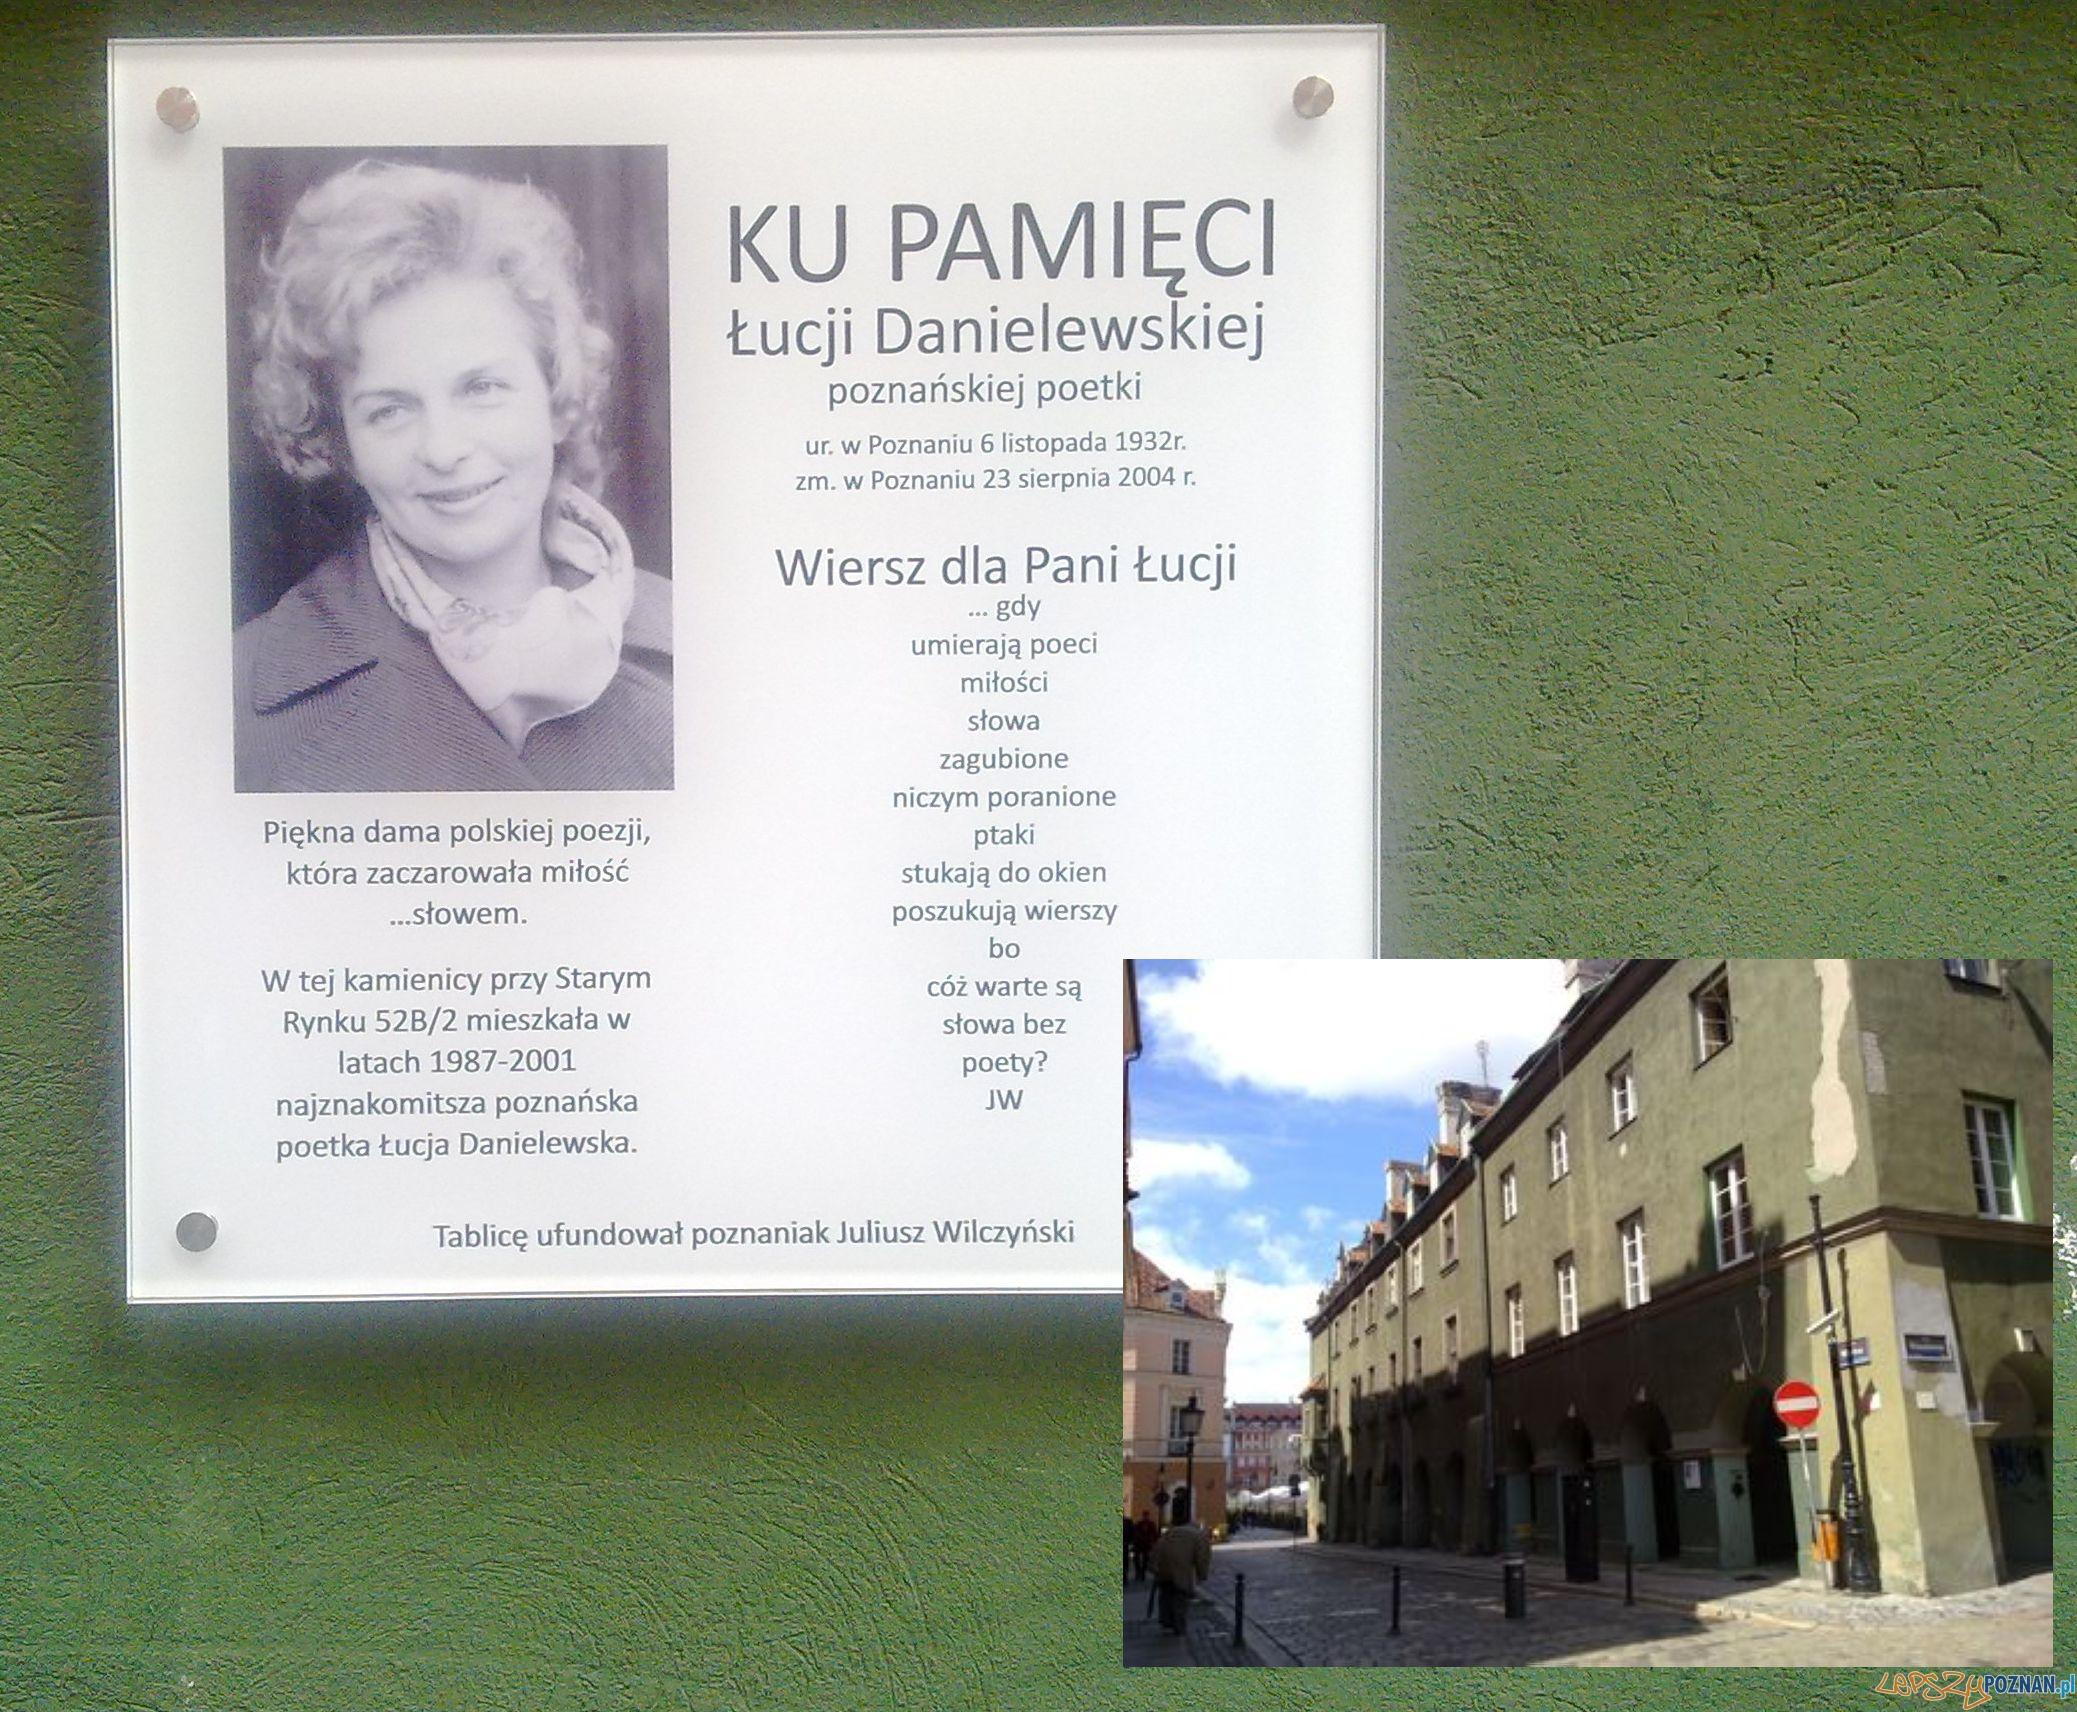 Ku pamięci Łucji Danielewskiej, tablica przy ul. Wodnej Foto: td